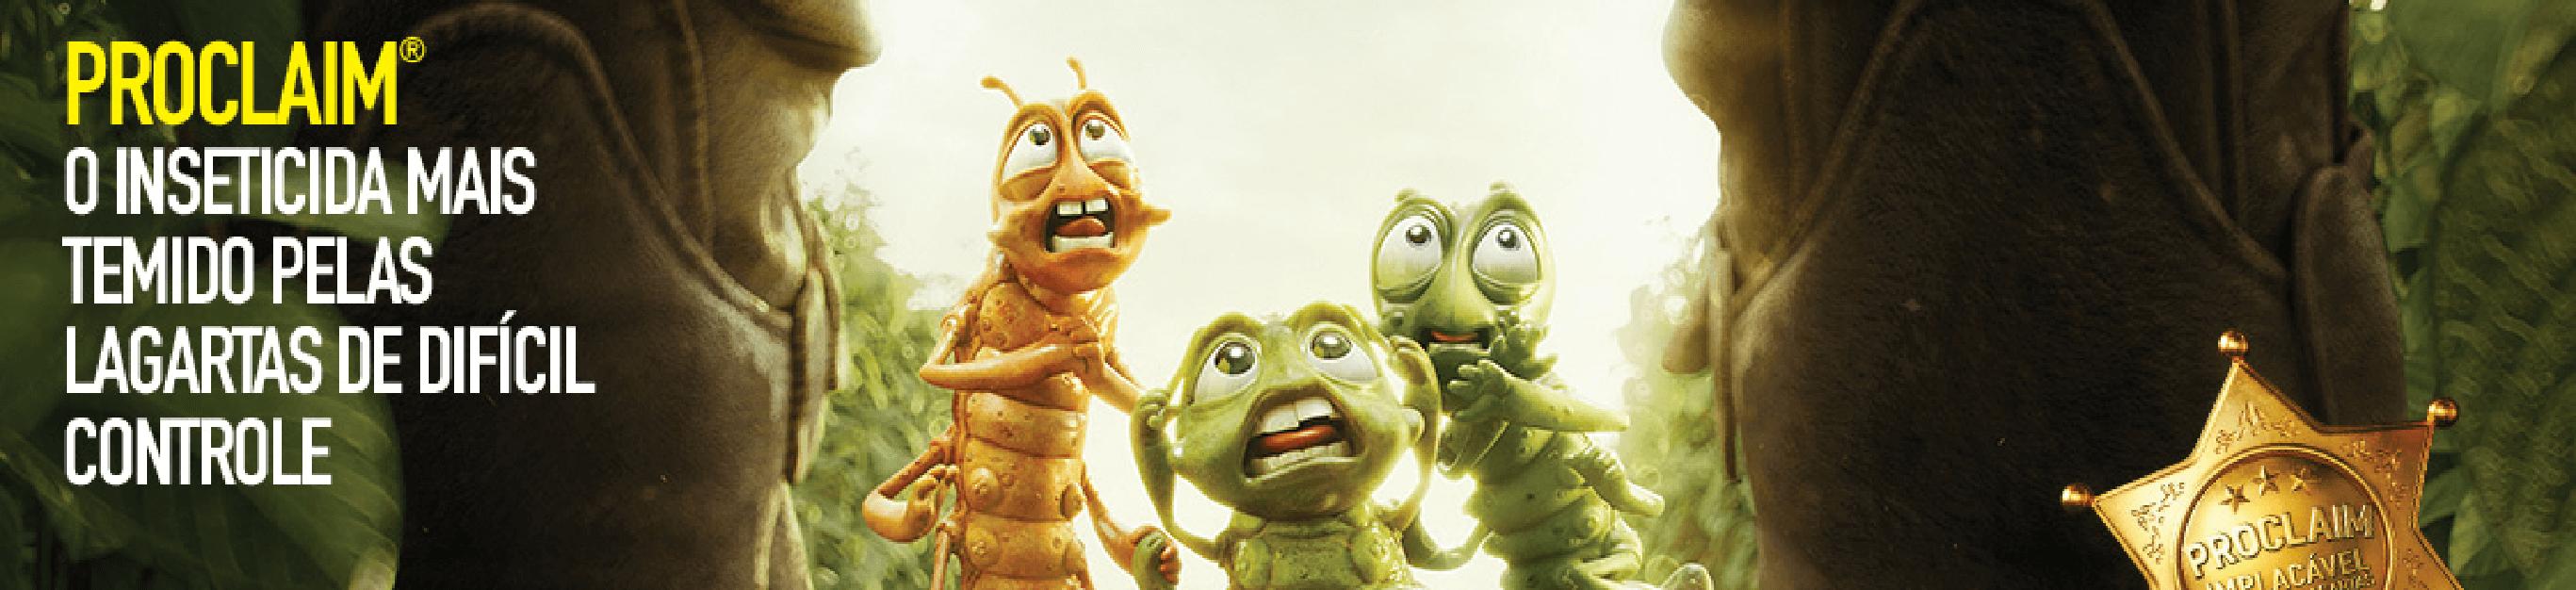 Proclaim, o inseticida mais temido pelas lagartas de difícil controle.